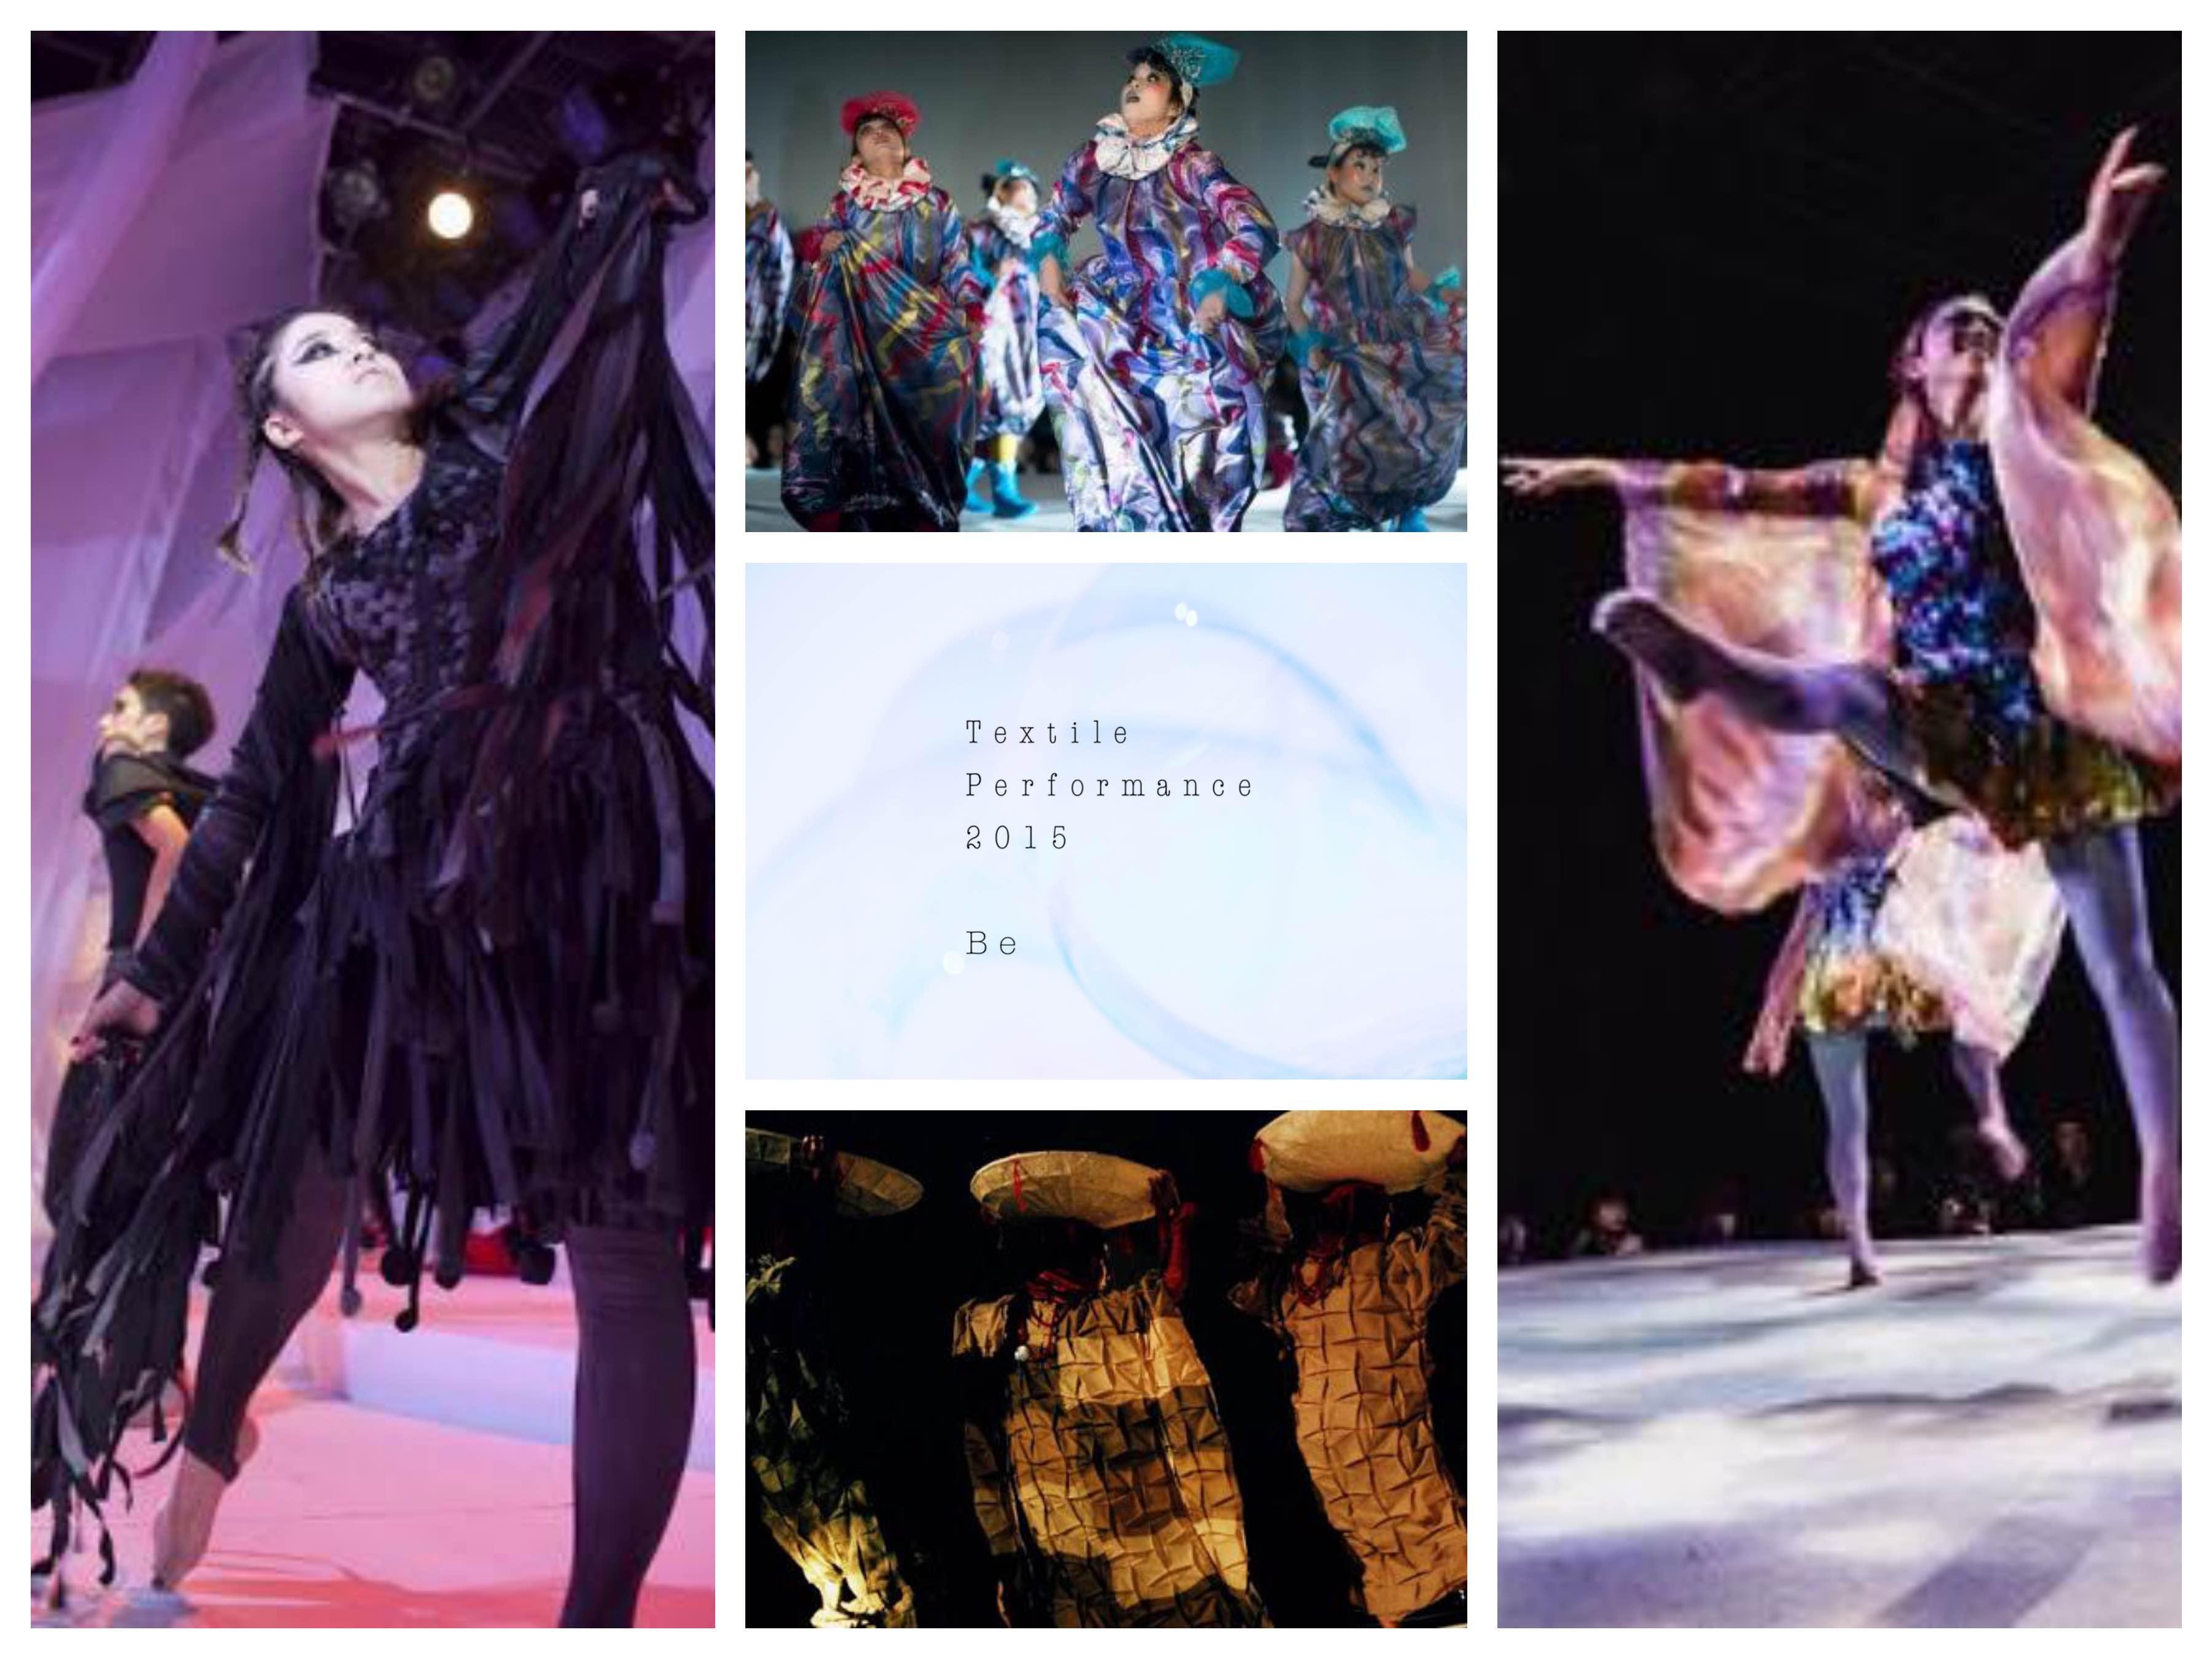 ヤリビ館長コラムvol.5  ー多摩美術大学 芸術祭 Textile Performanceー